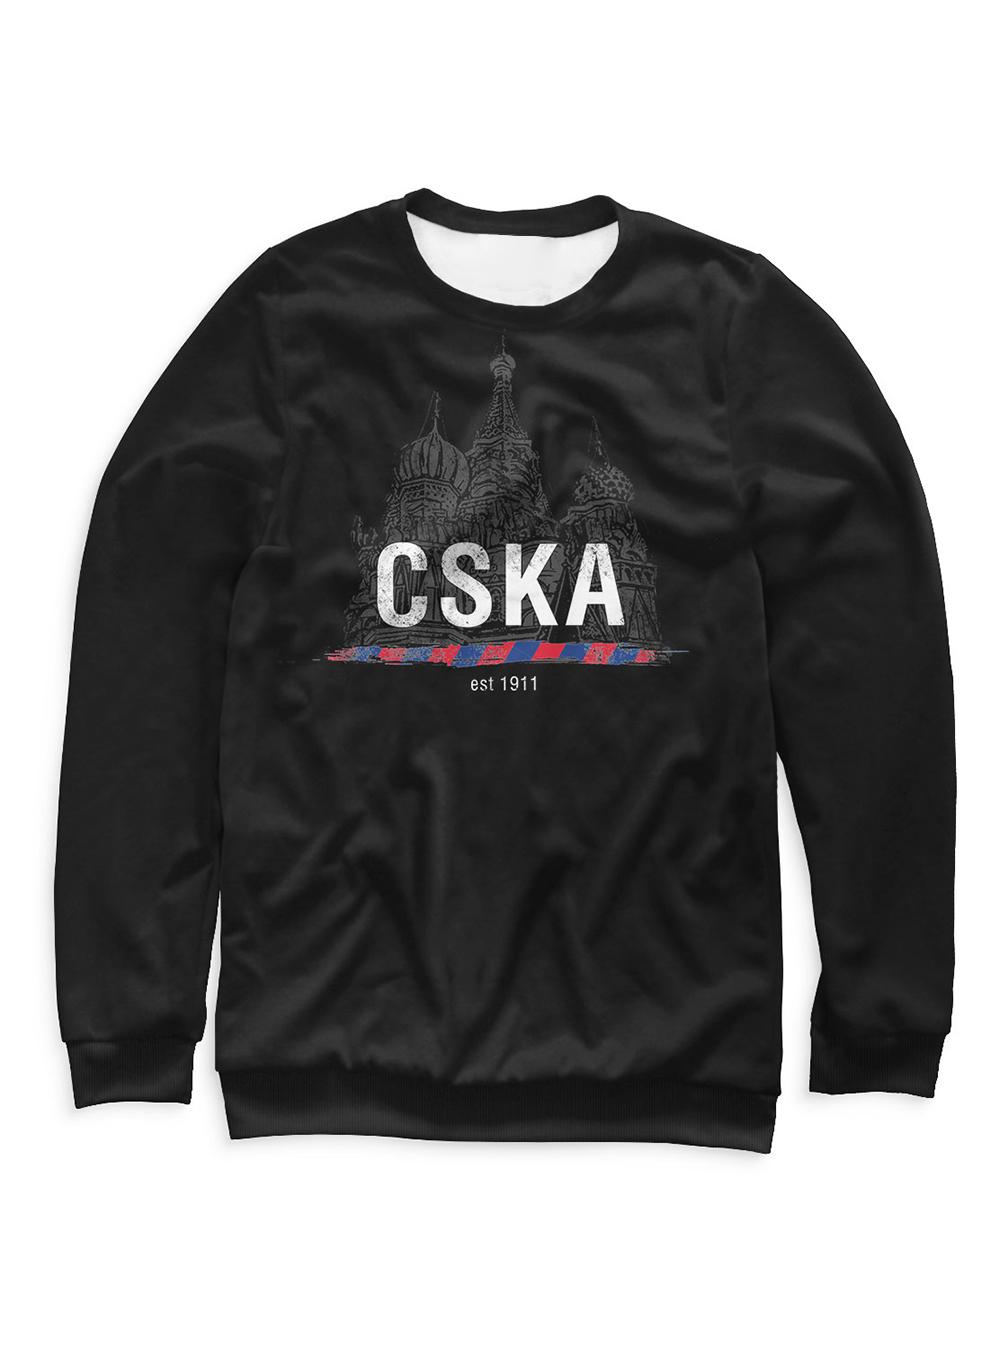 Купить Свитшот женский «CSKA 1911», цвет черный (XXL) по Нижнему Новгороду